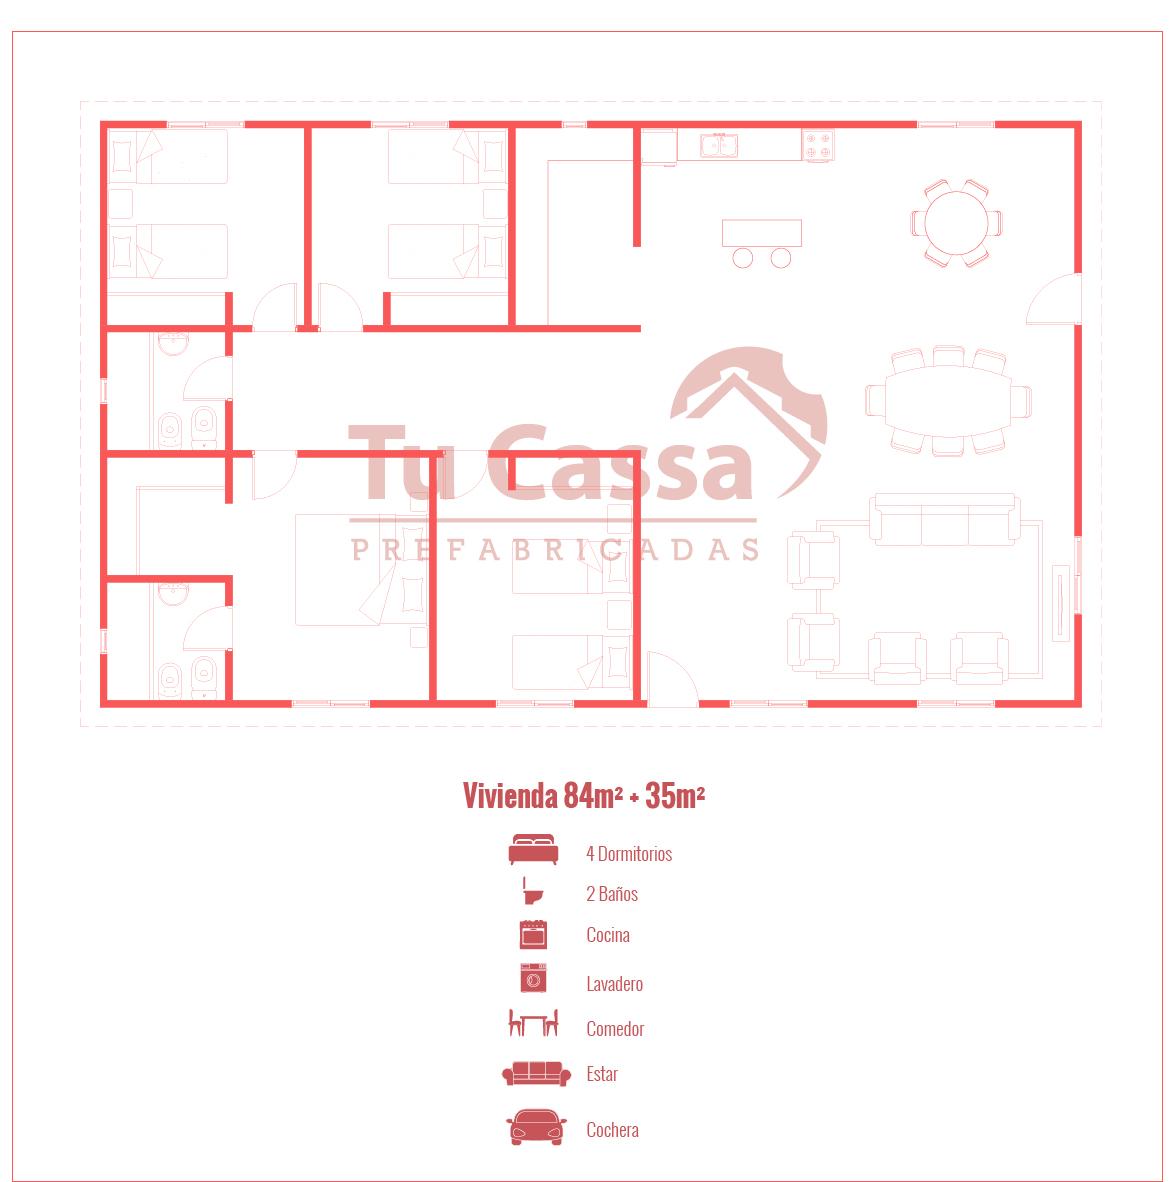 Vivienda 6 – 4 dormitorios